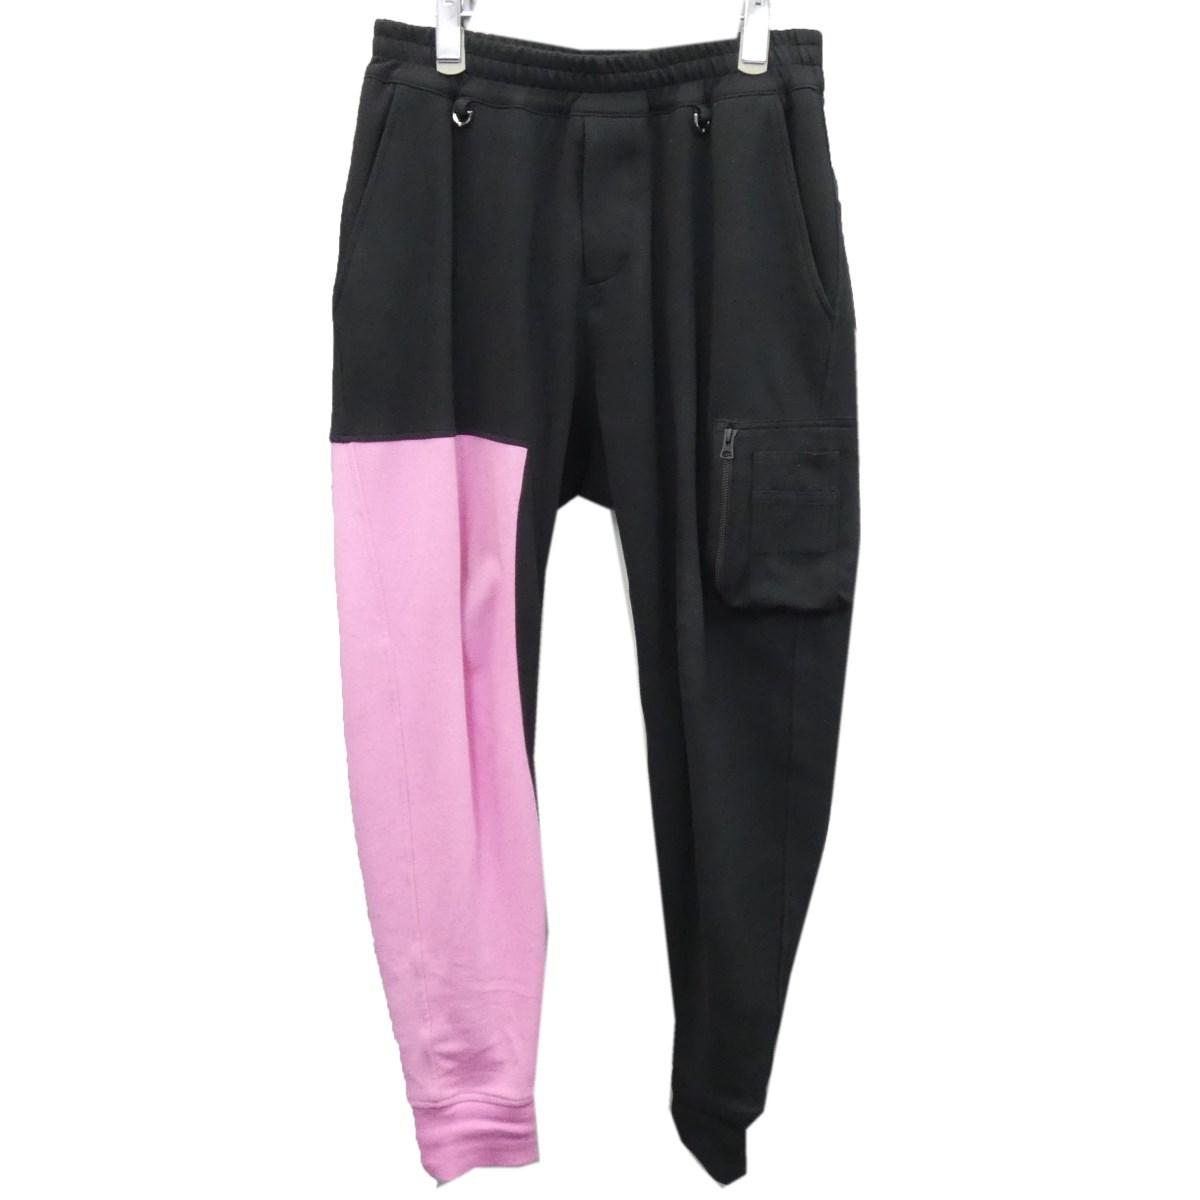 【中古】C2H4 ×Mastermind JAPAN ×Alpha 2020SS 裾スカルスウェットパンツ ブラック×ピンク サイズ:S 【110320】(シーツーエイチフォー)